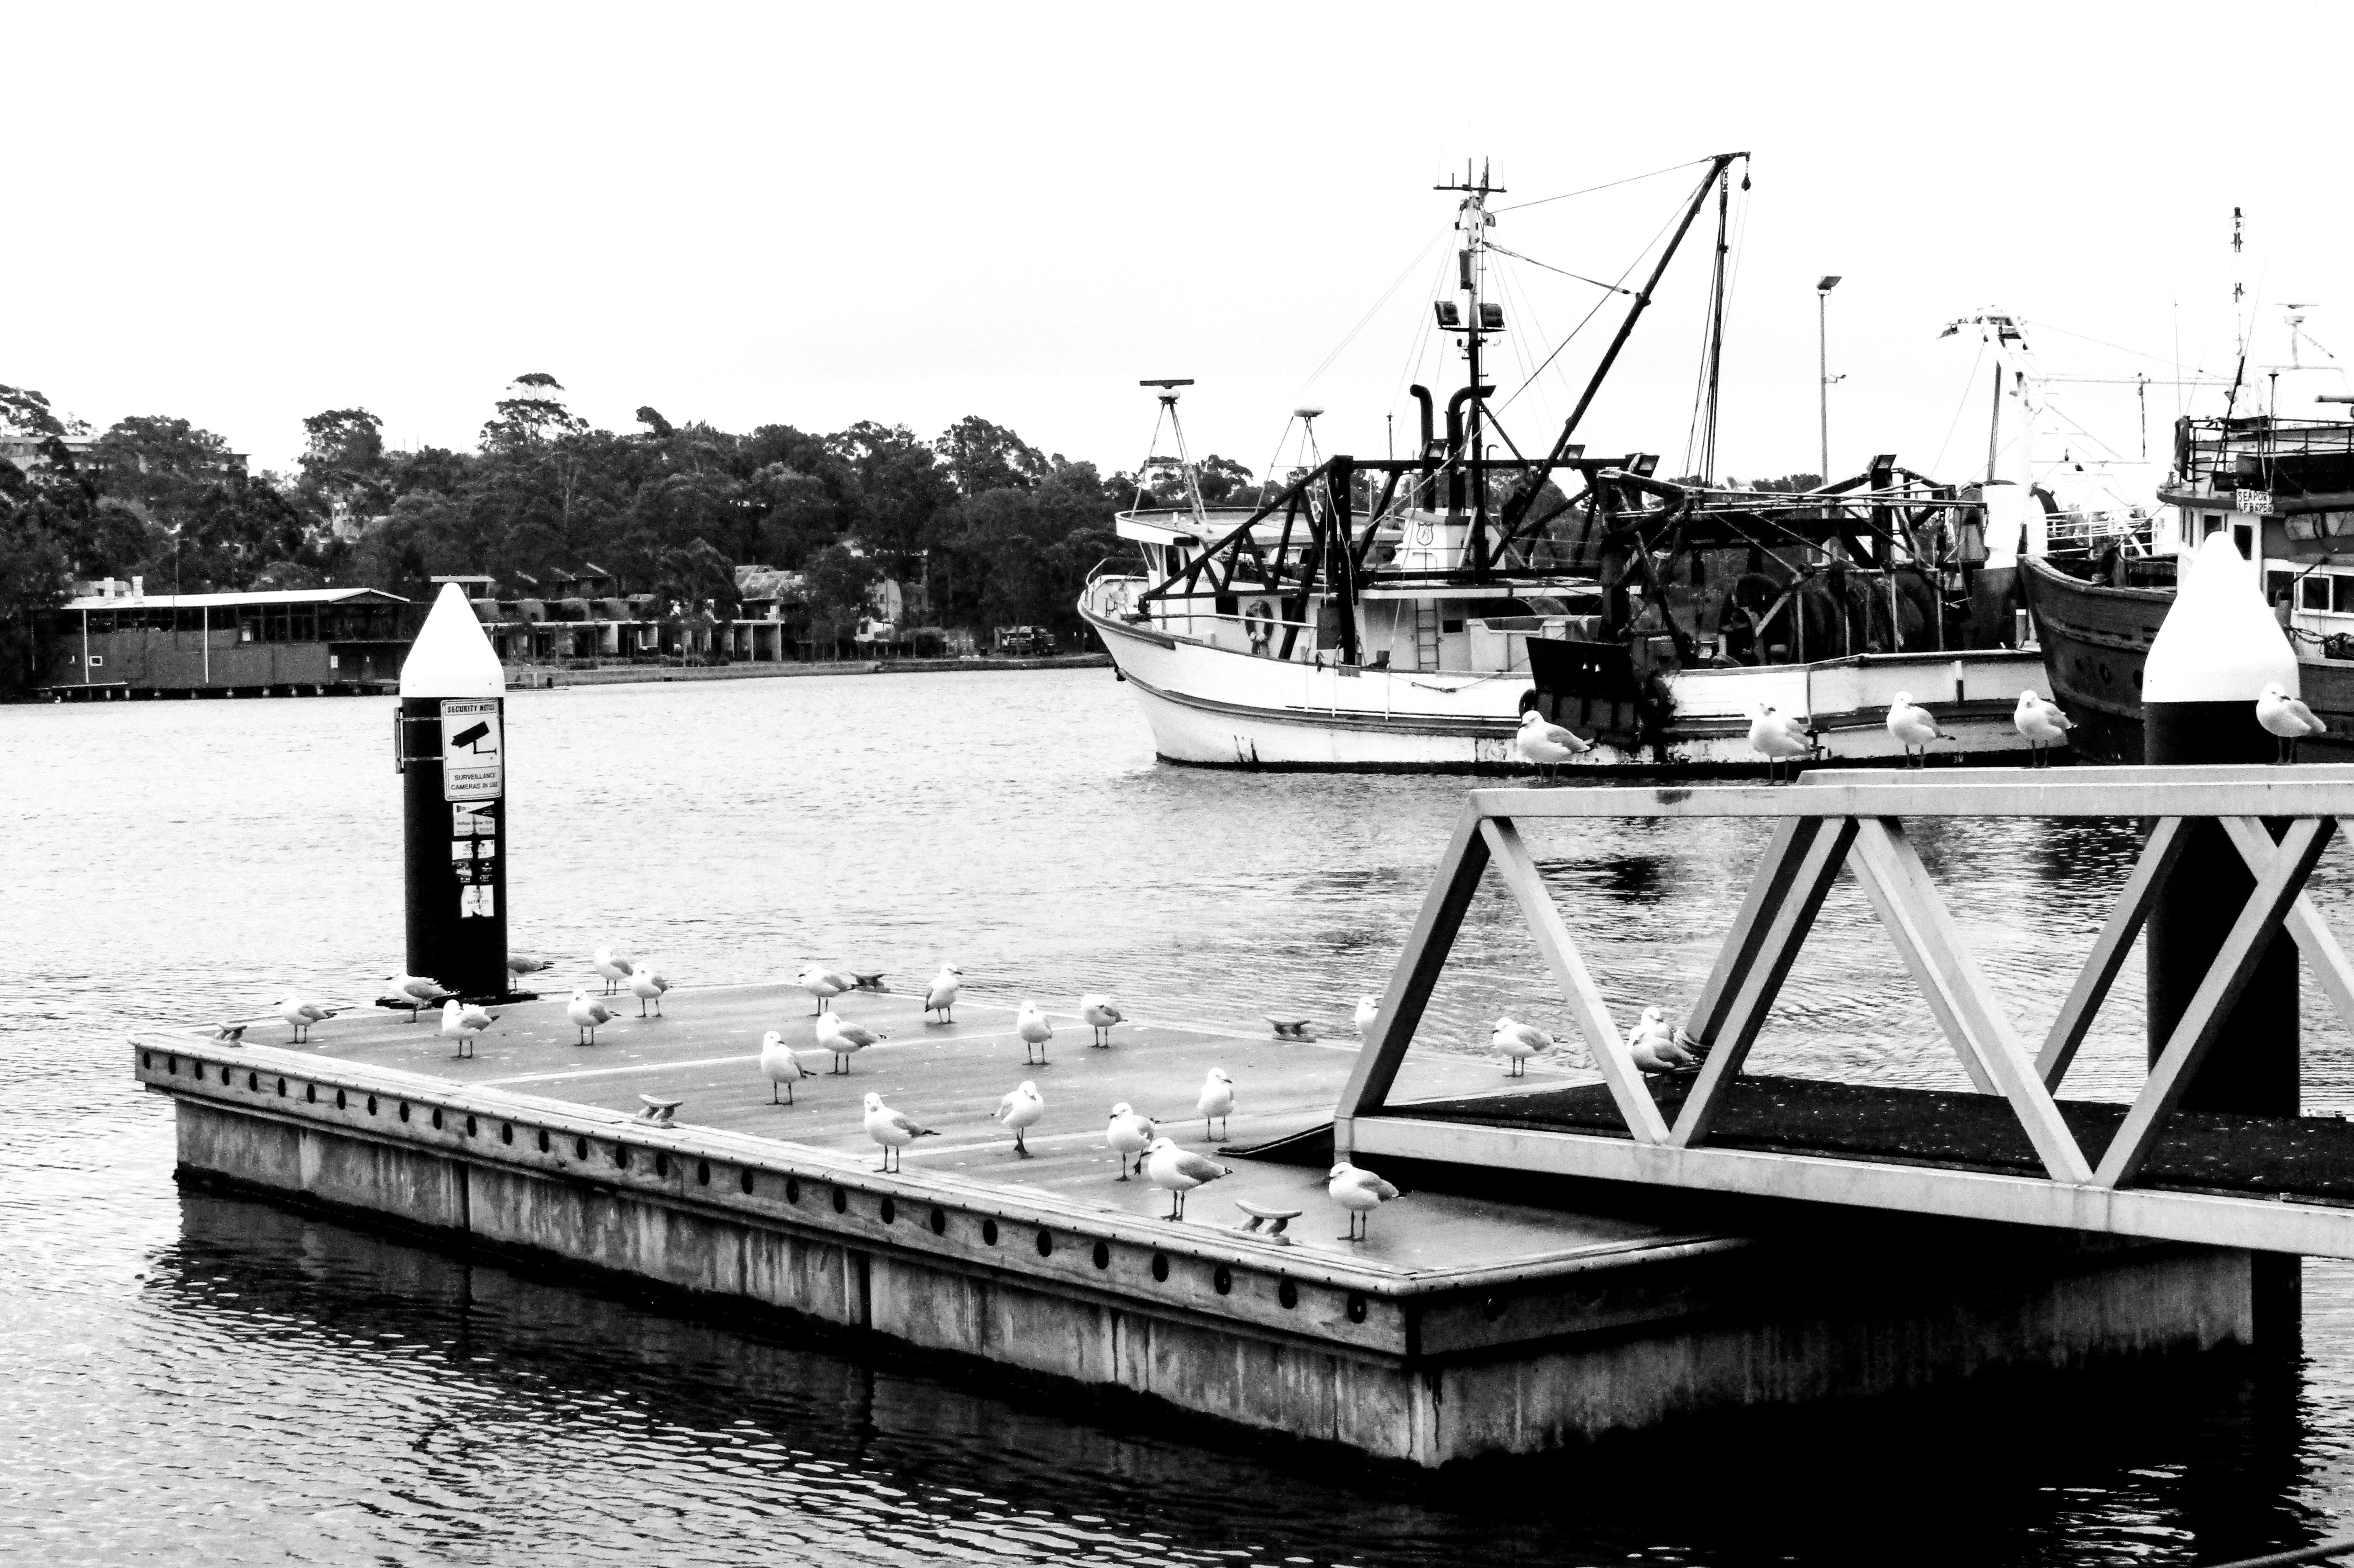 Δωρεάν στοκ φωτογραφιών με αποβάθρα, ημέρα, λιμάνι, προκυμαία